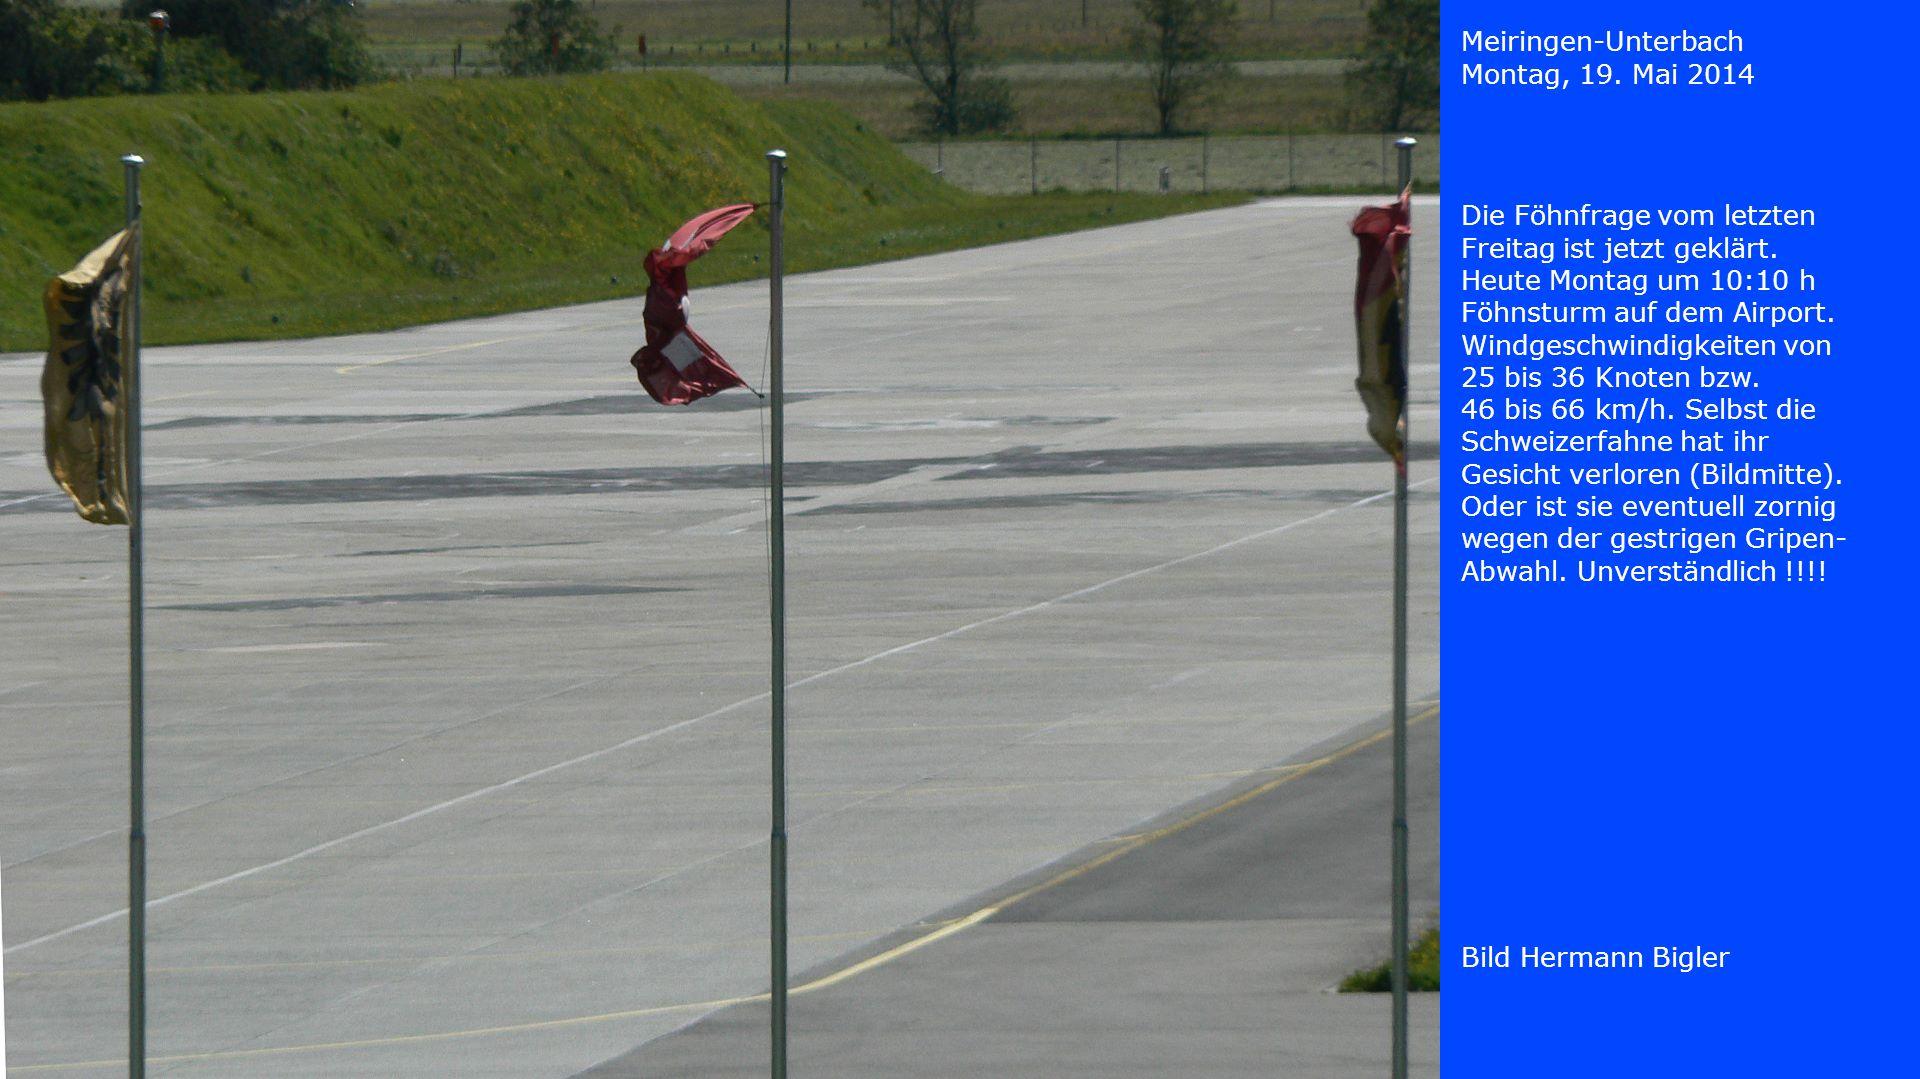 Meiringen-Unterbach Montag, 19. Mai 2014. Die Föhnfrage vom letzten Freitag ist jetzt geklärt. Heute Montag um 10:10 h.